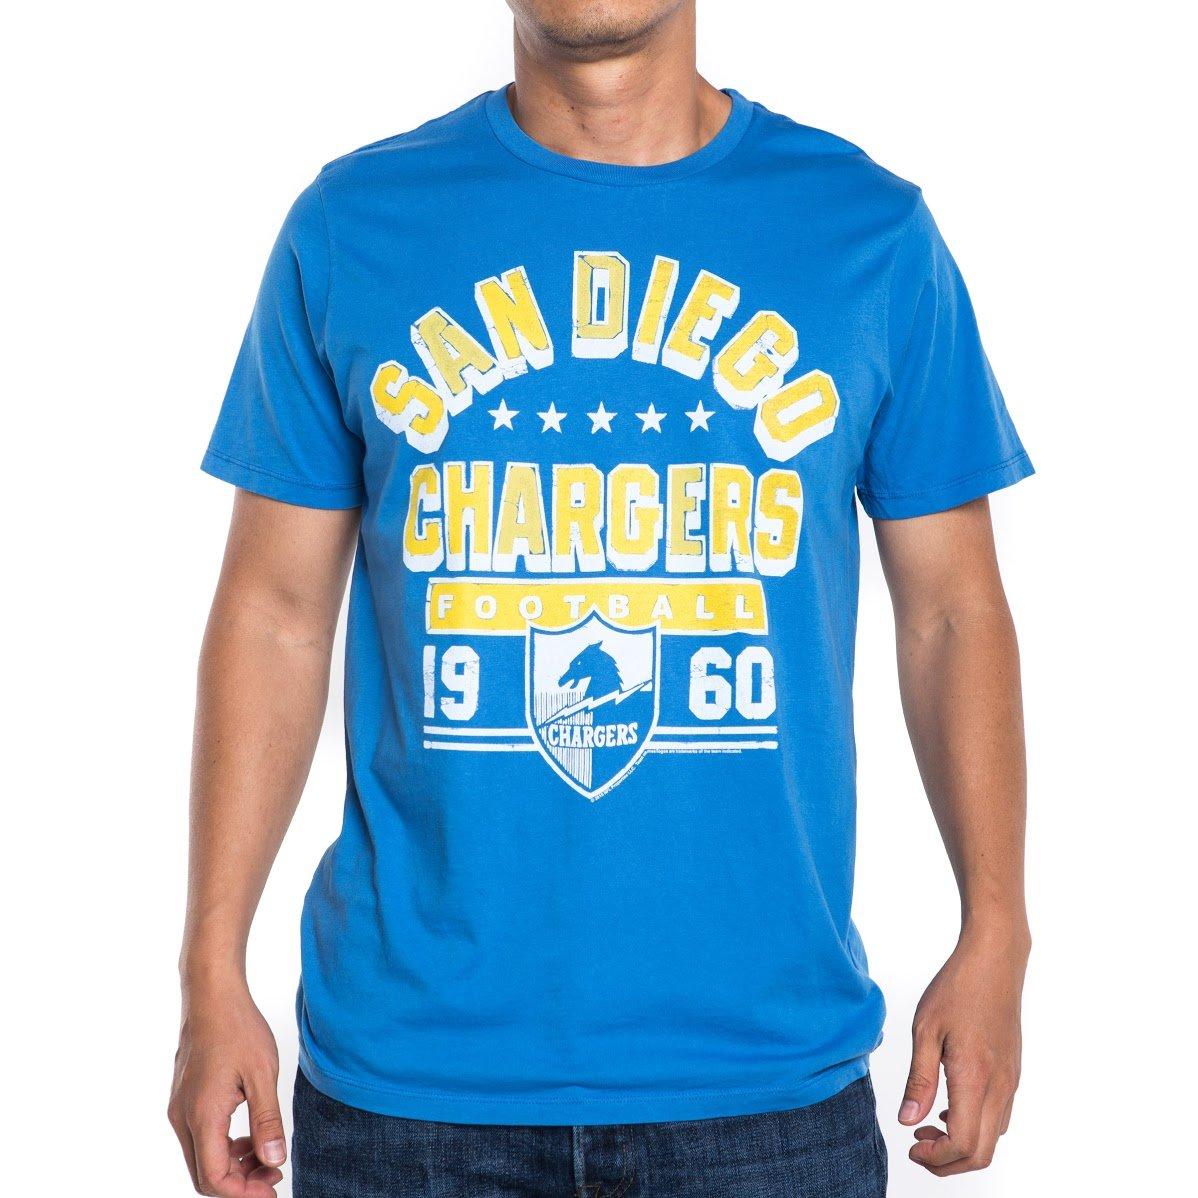 注文割引 San Diego Chargersレトロ1960 San Small NFLキックオフクルーTシャツ Small ブルーベリー B011D03ZVG B011D03ZVG, 瀬戸田町:b05315c8 --- a0267596.xsph.ru